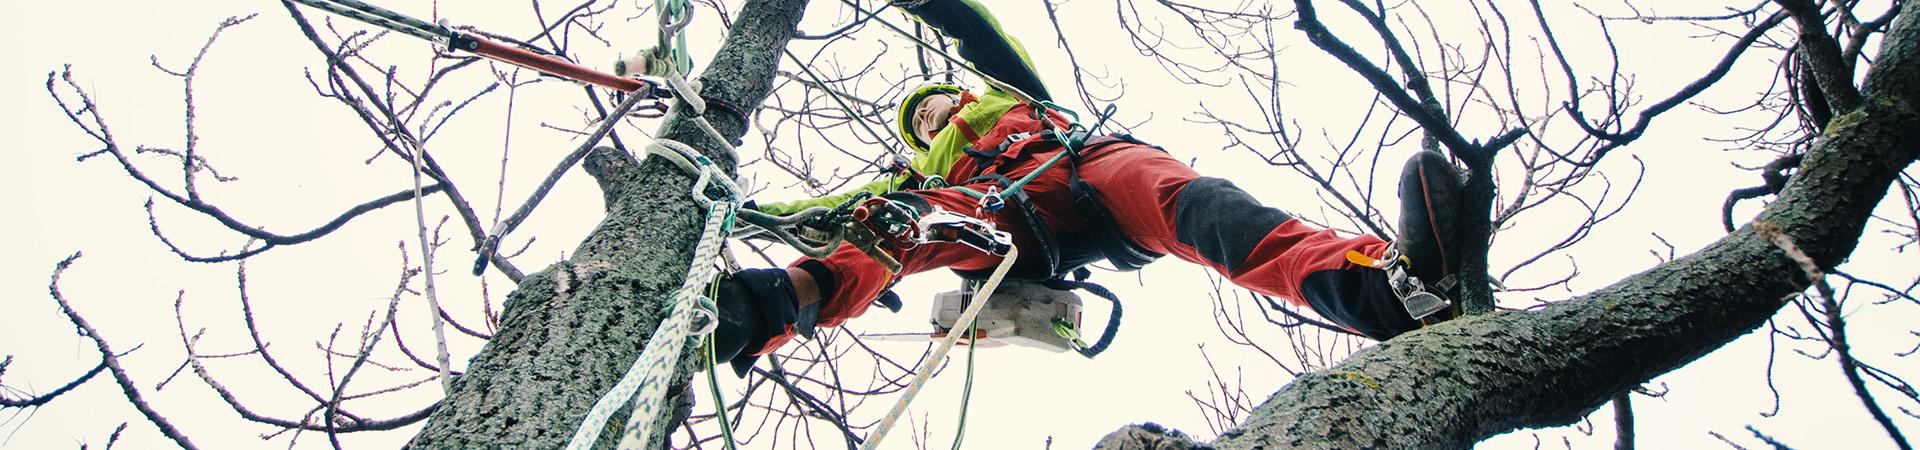 arborist i en trädkrona, han förberäder en kronstabilisering eller en fällning av stam.